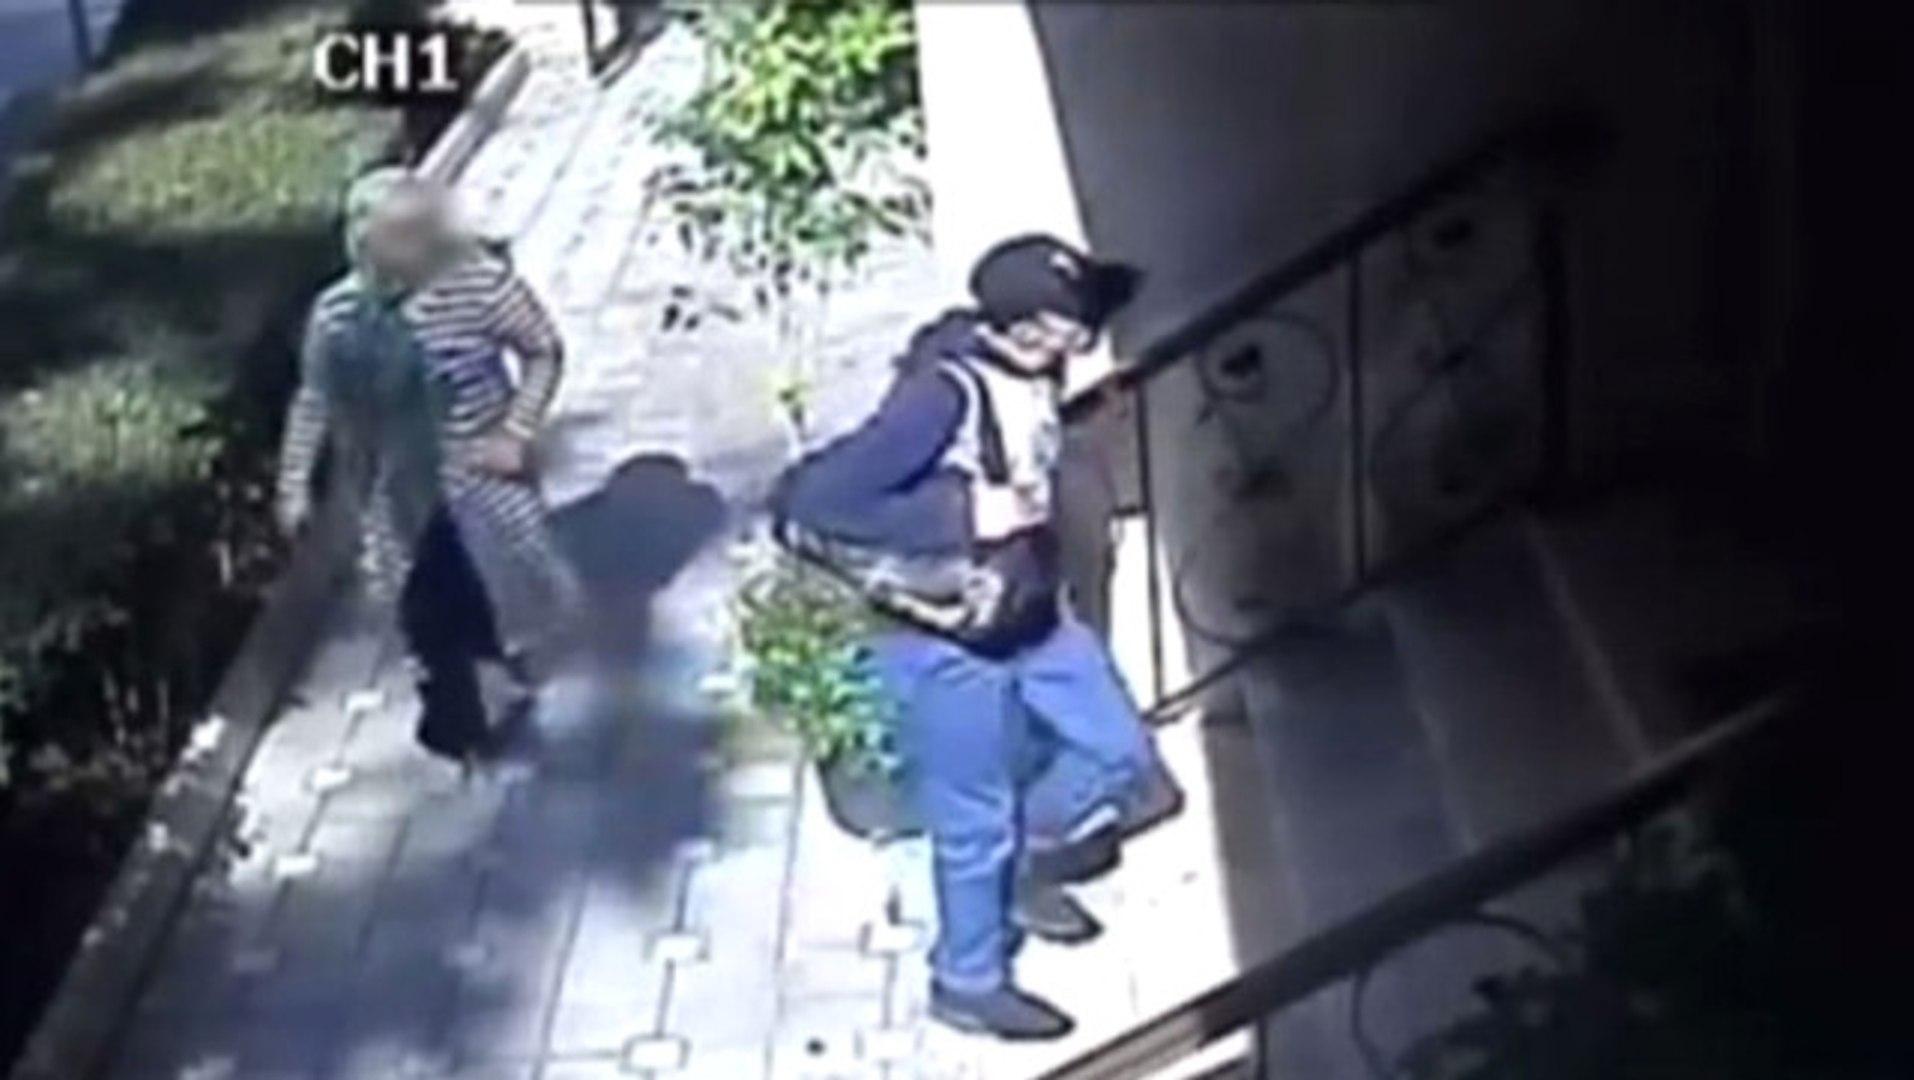 Yanına Kiralık Hırsız Alıp 8 Yılda 56 Kez Soygun Yapan Kadın Hırsız, Yakayı Ele Verdi